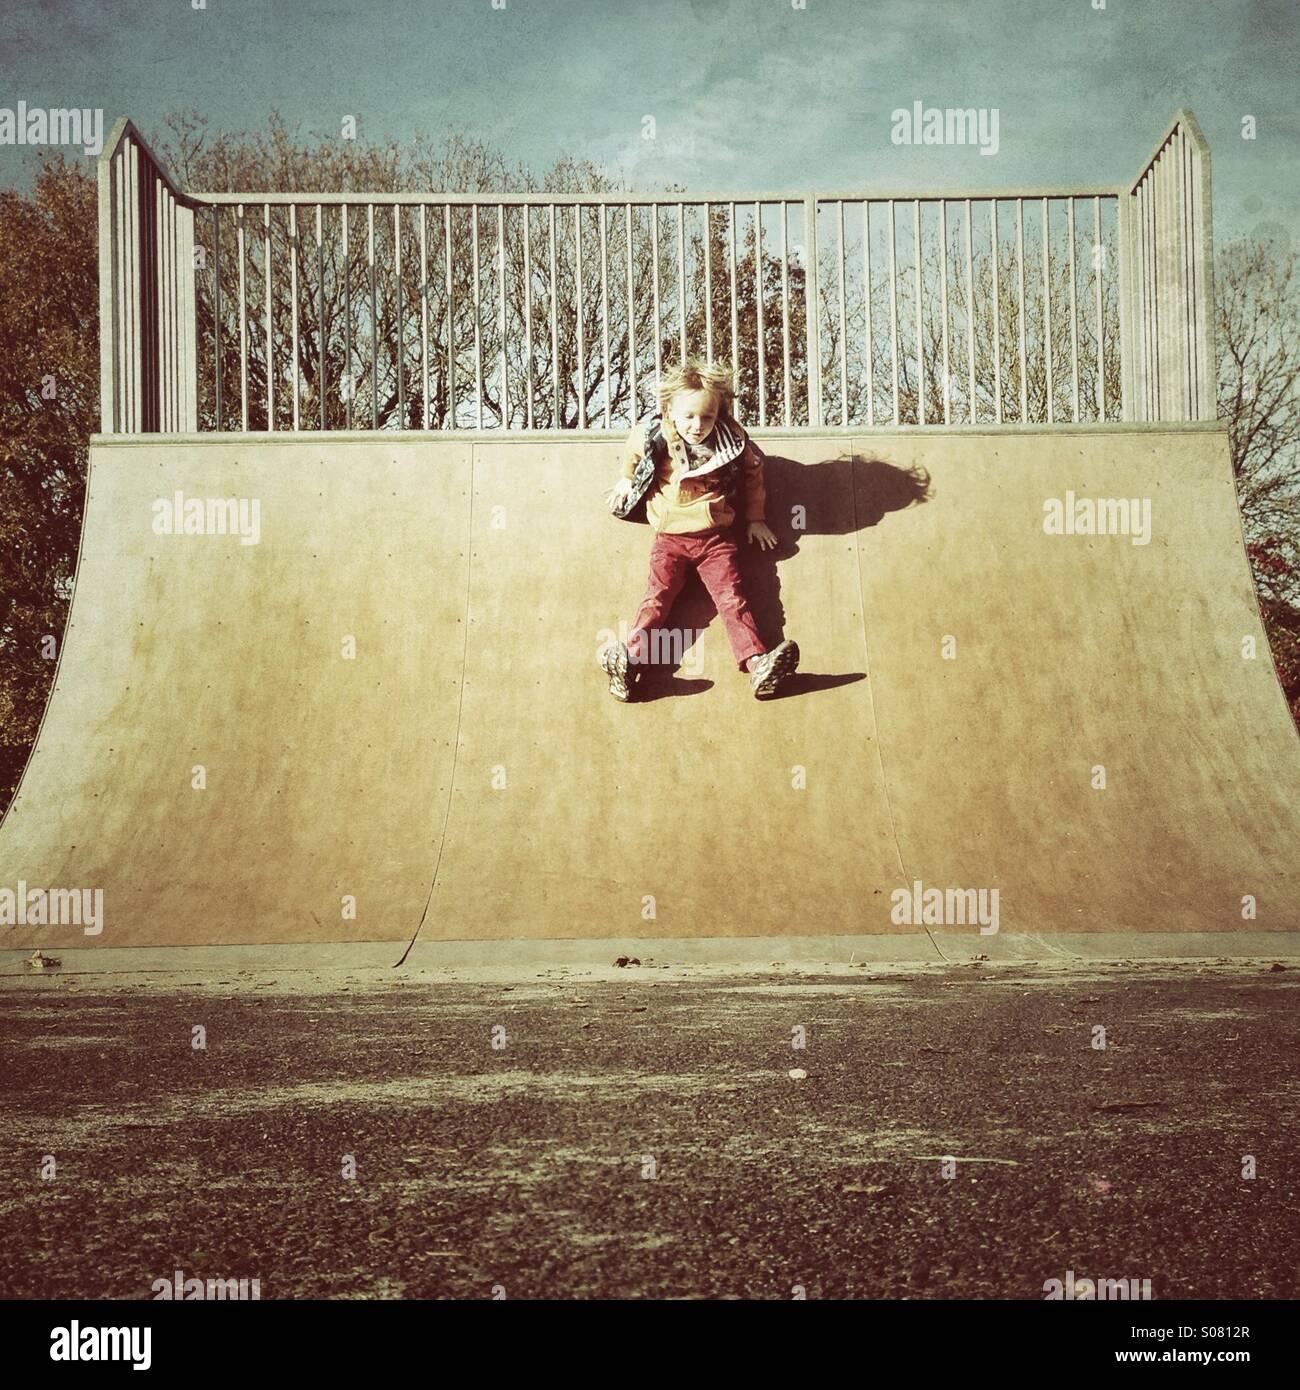 Scorrere verso il basso una rampa di skate Immagini Stock